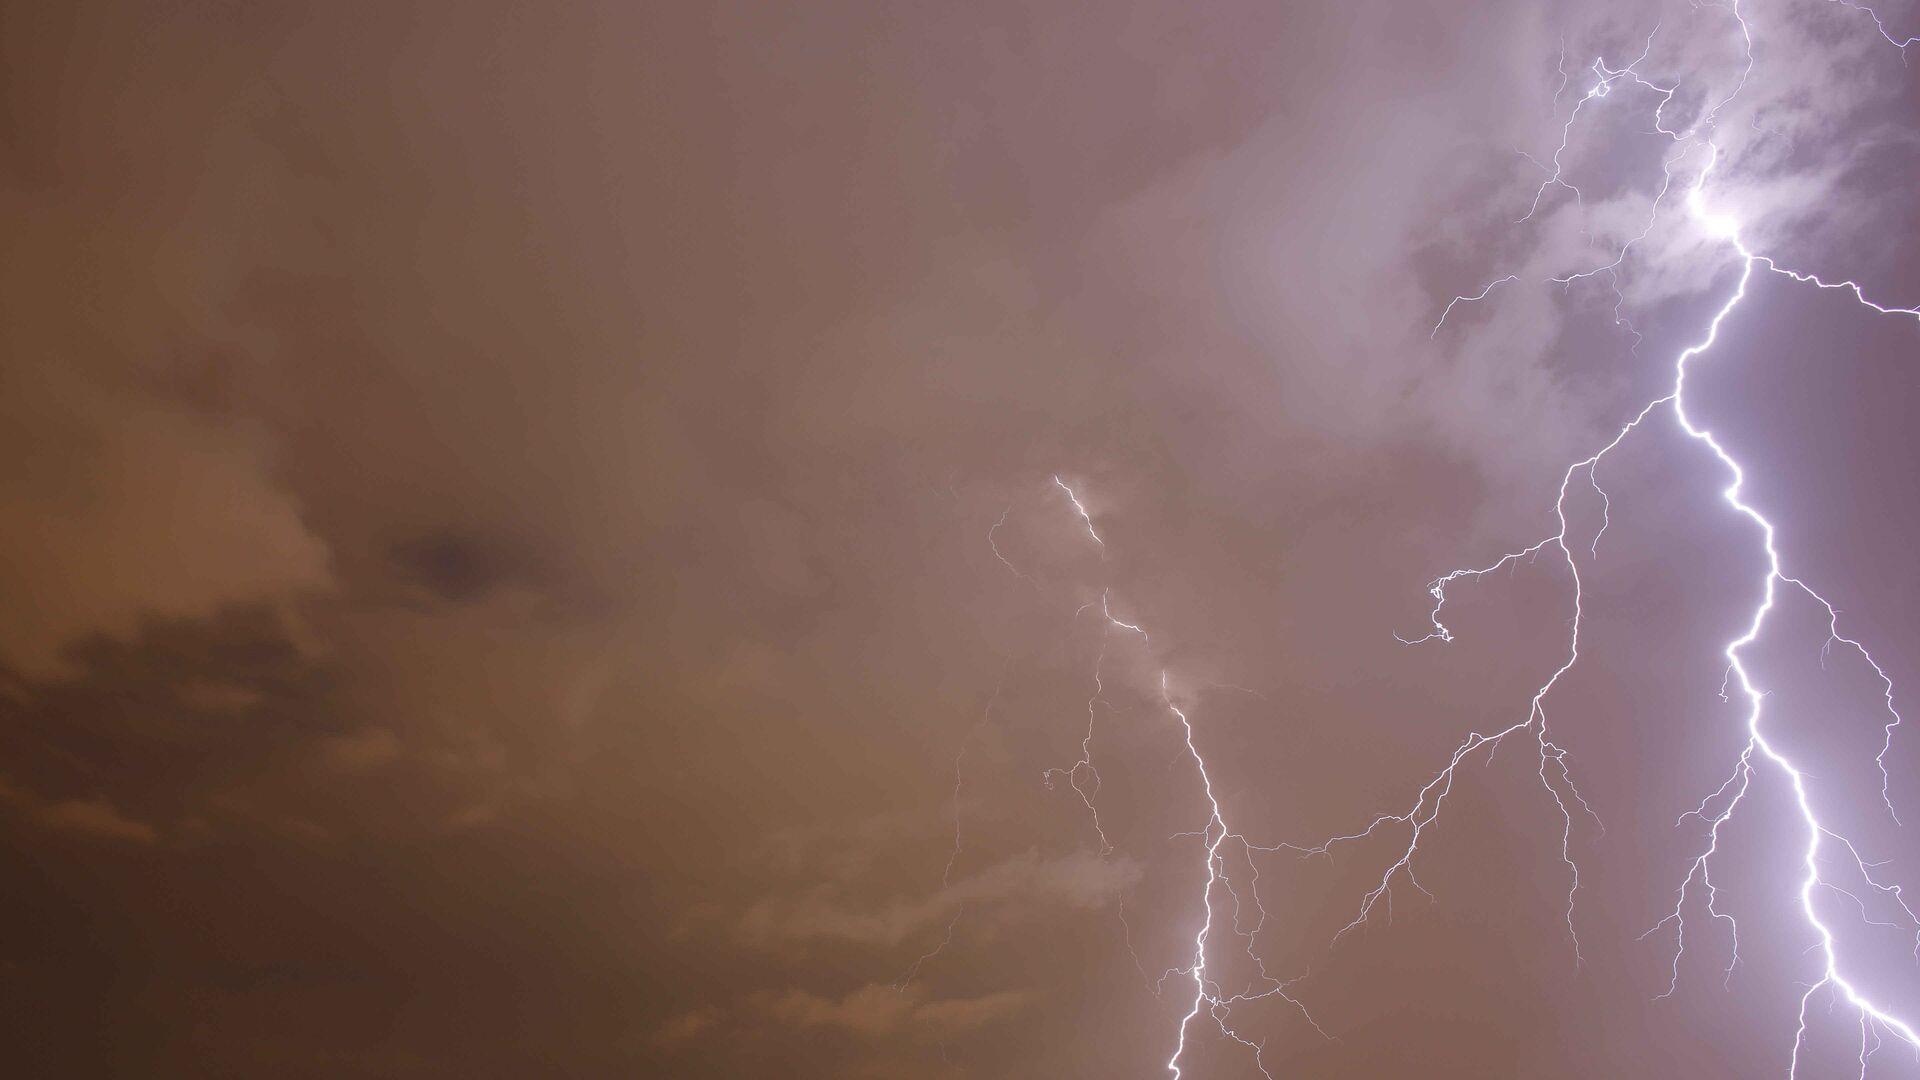 В Останкинскую башню во время грозы попали три молнии